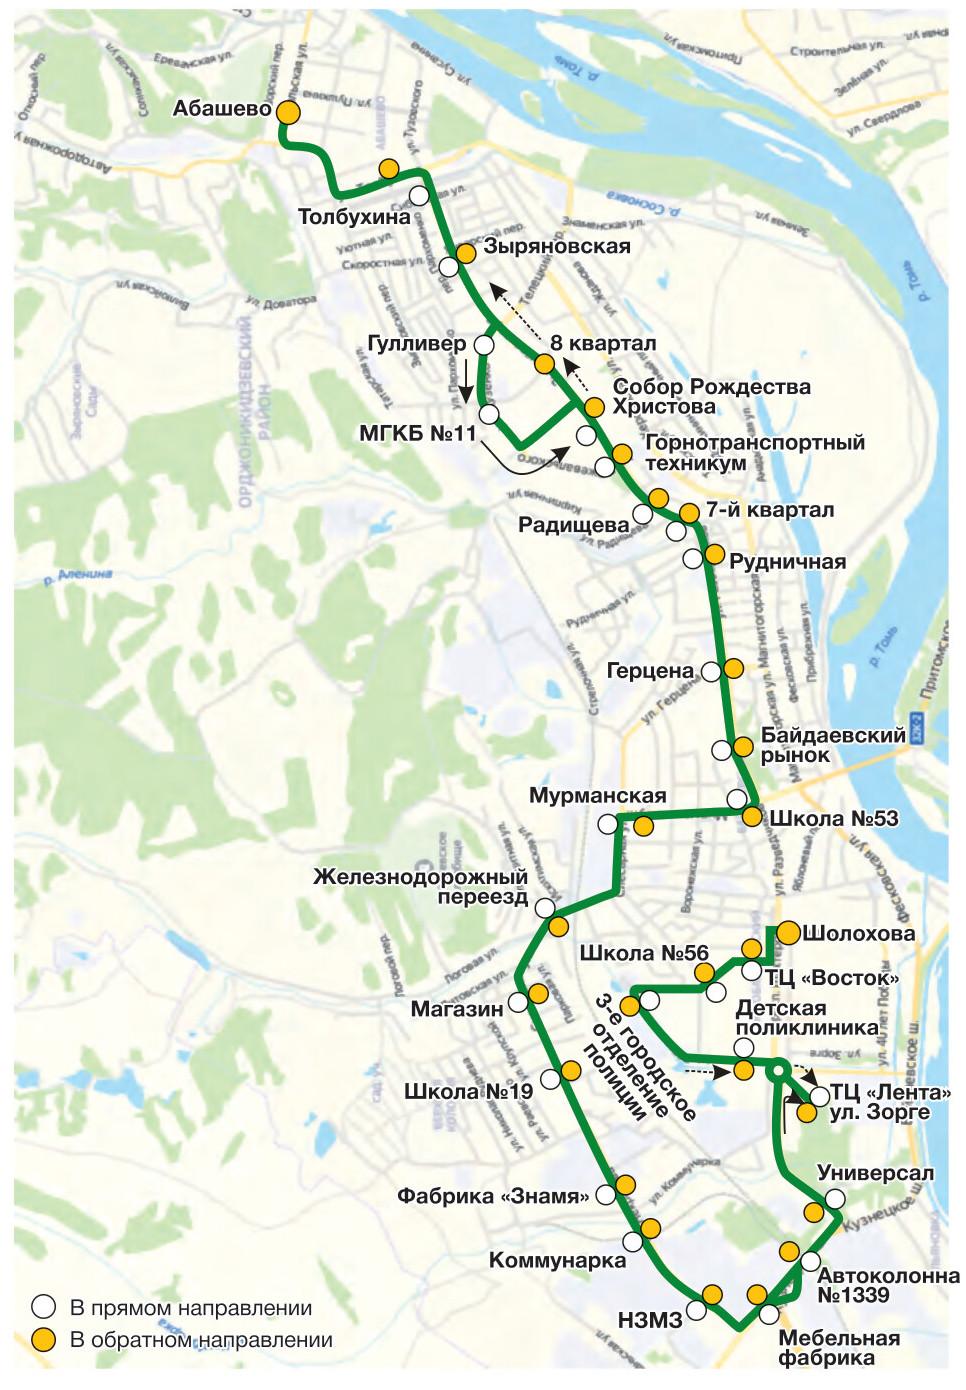 Автобус №3 АБАШЕВО - НОВОБАЙДАЕВСКИЙ МИКРОРАЙОН | Карта маршрута